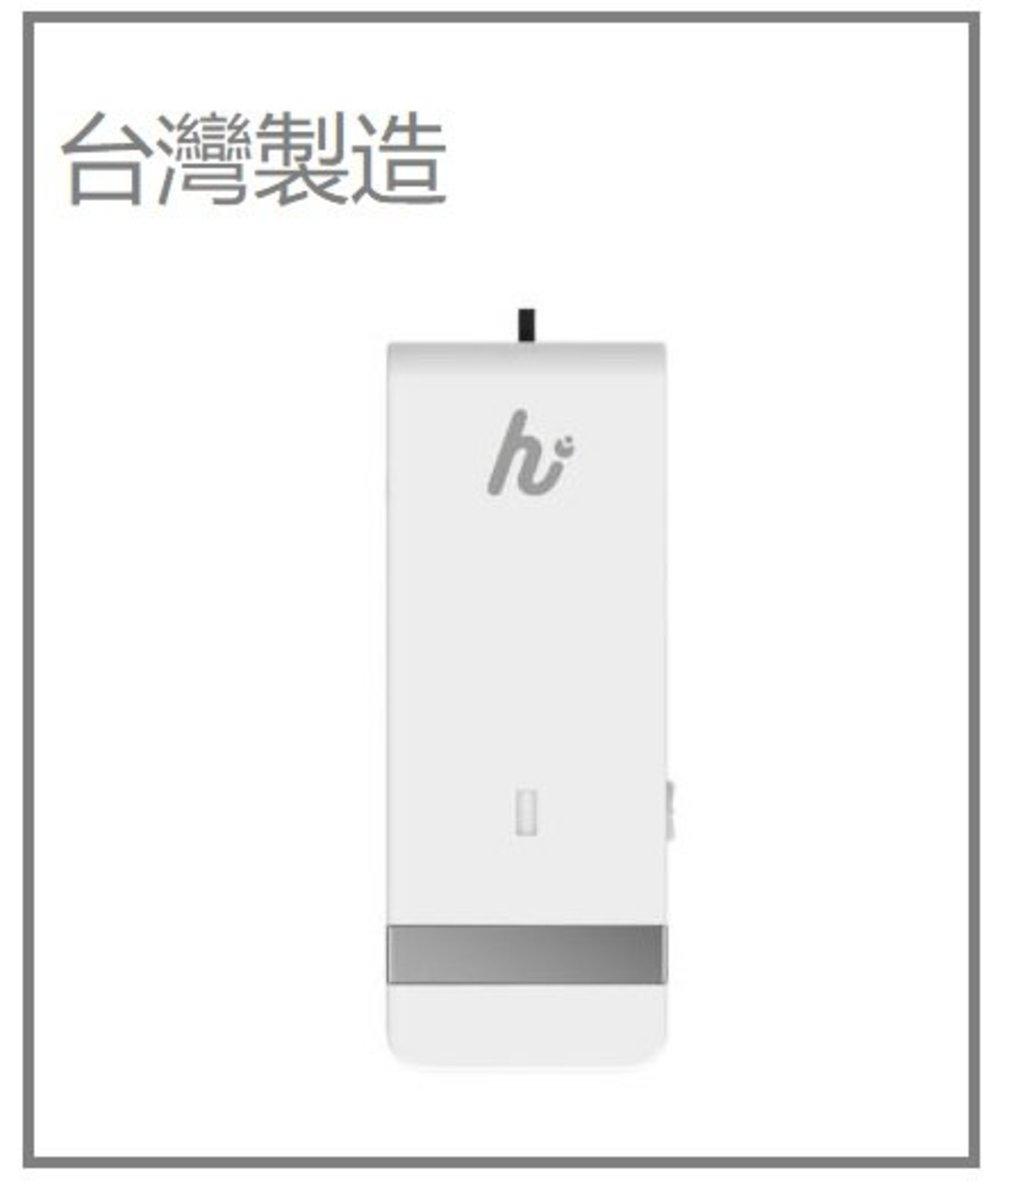 <台灣製造>高效隨身便攜式負離子空氣淨化器超輕巧/PM2.5 除菌99.99% 殺菌消毒(白色)